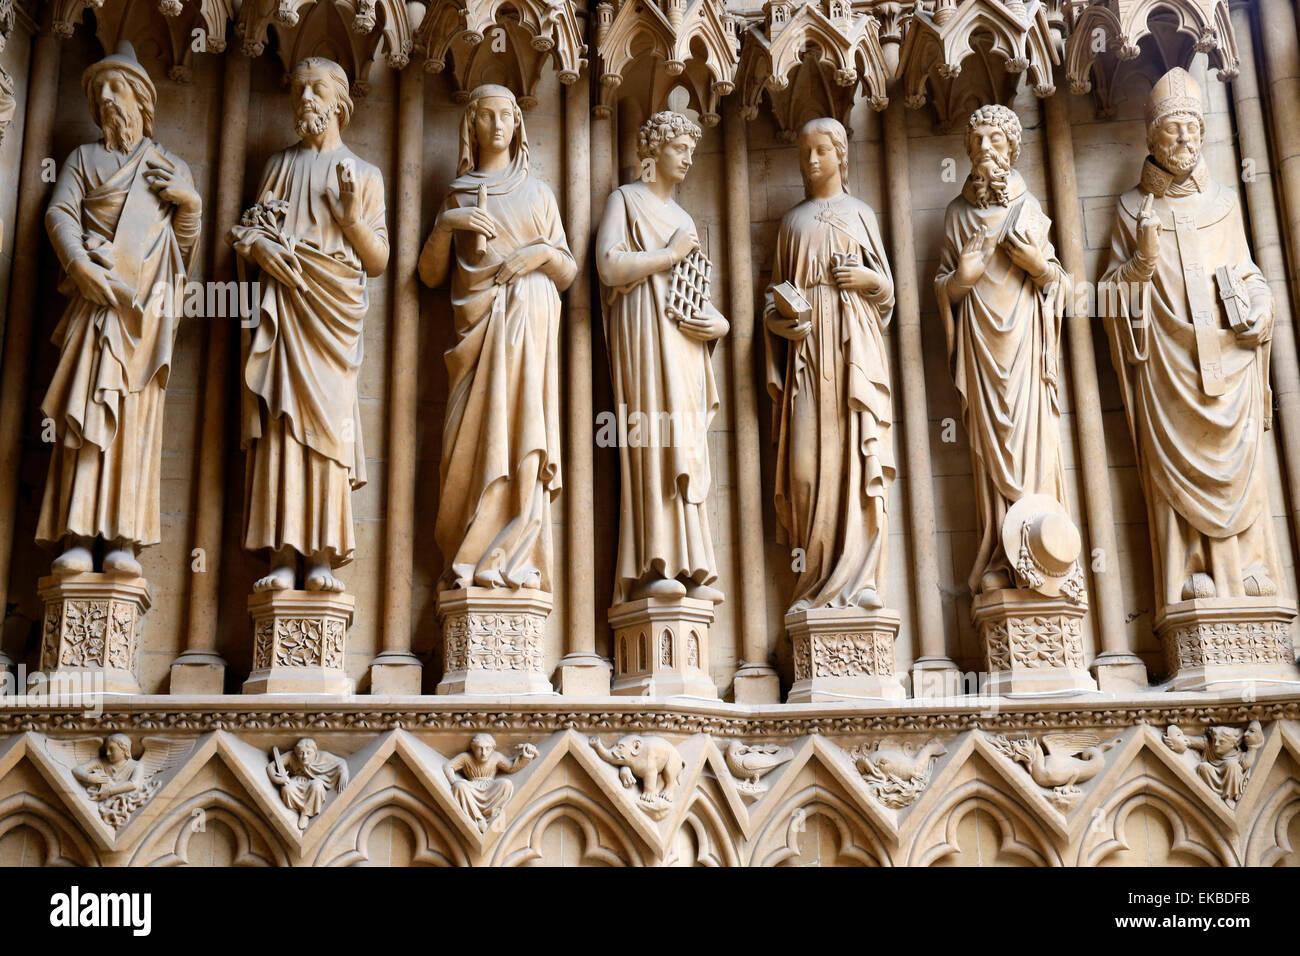 Portal der Jungfrau zeigen die Heiligen von links bis rechts, Kathedrale von Metz, Metz, Lothringen, Frankreich Stockbild